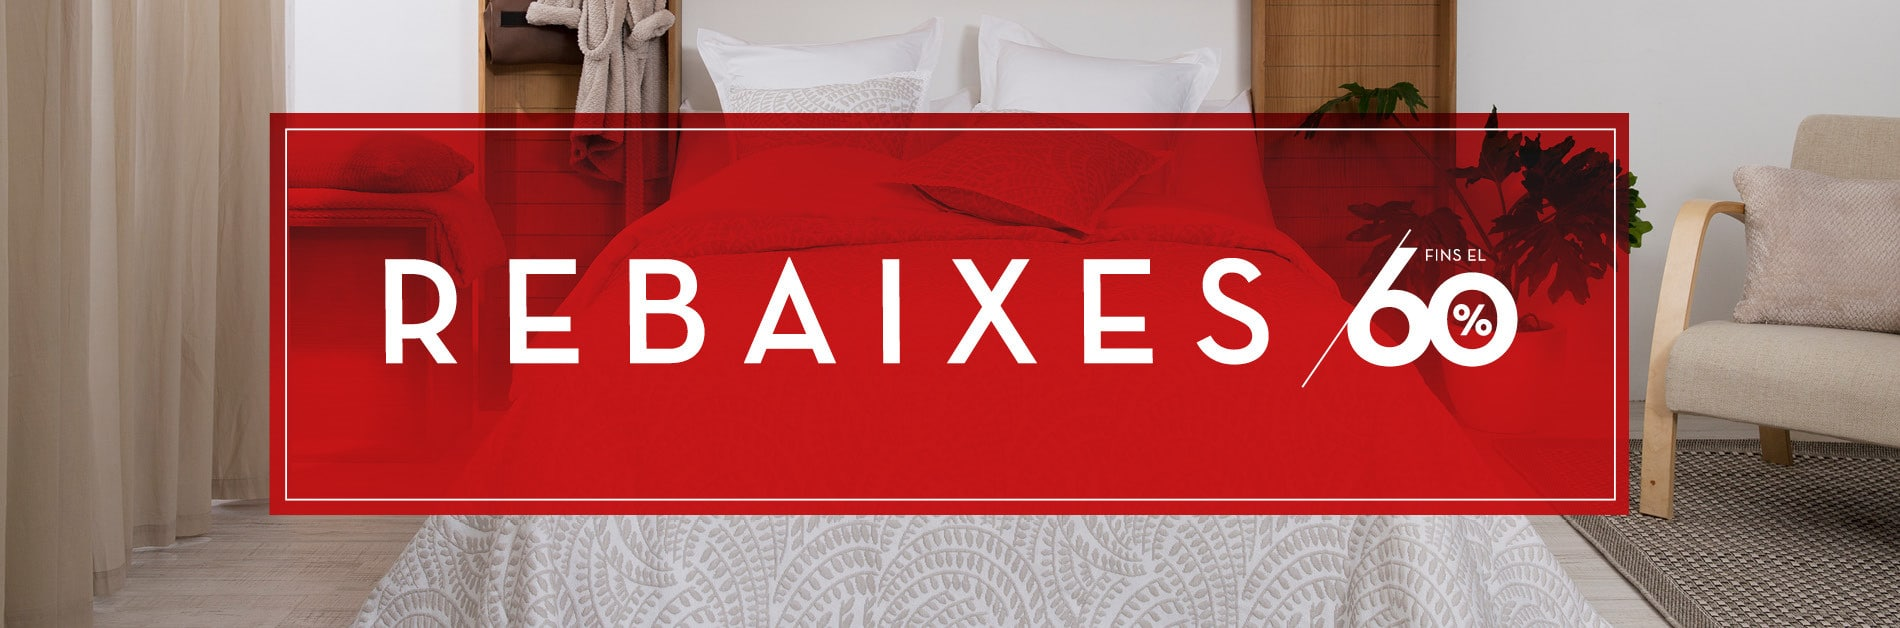 REBAIXES - FINS 60% DTE